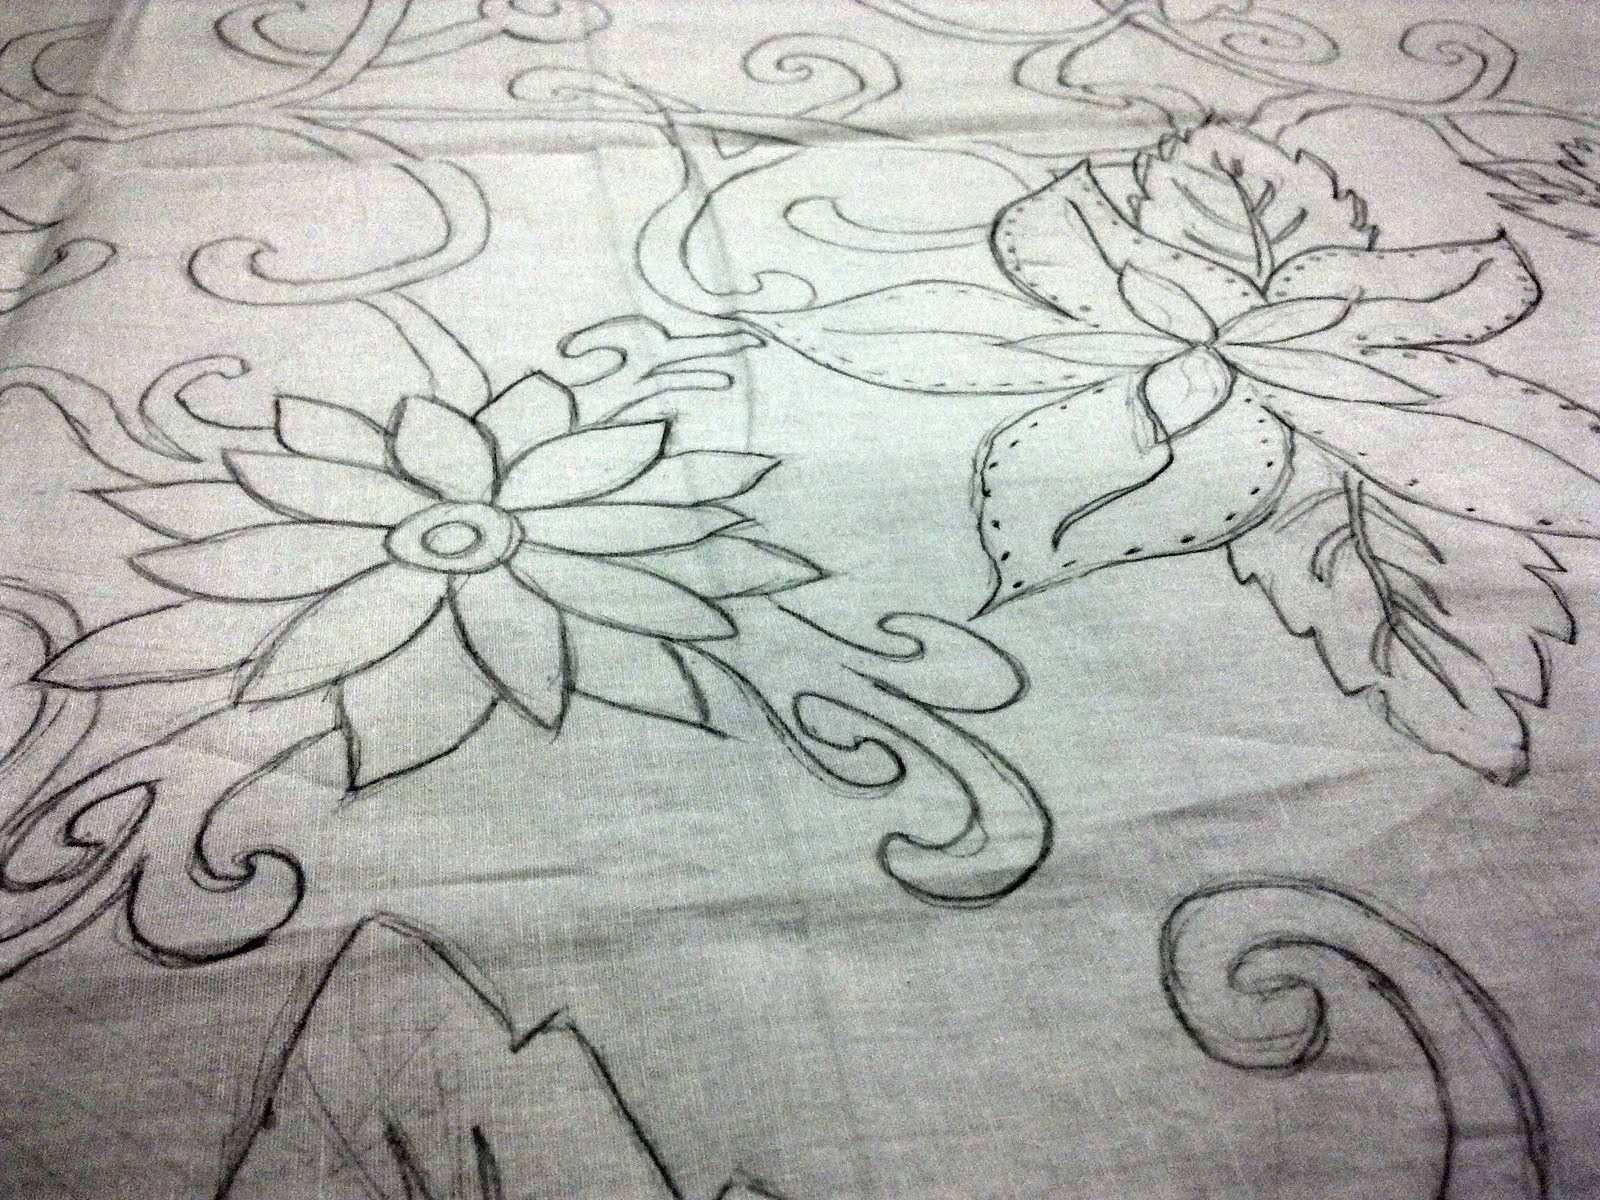 Gambar Motif Batik Bunga 43 Sketsa Bunga Motif Batik Batik